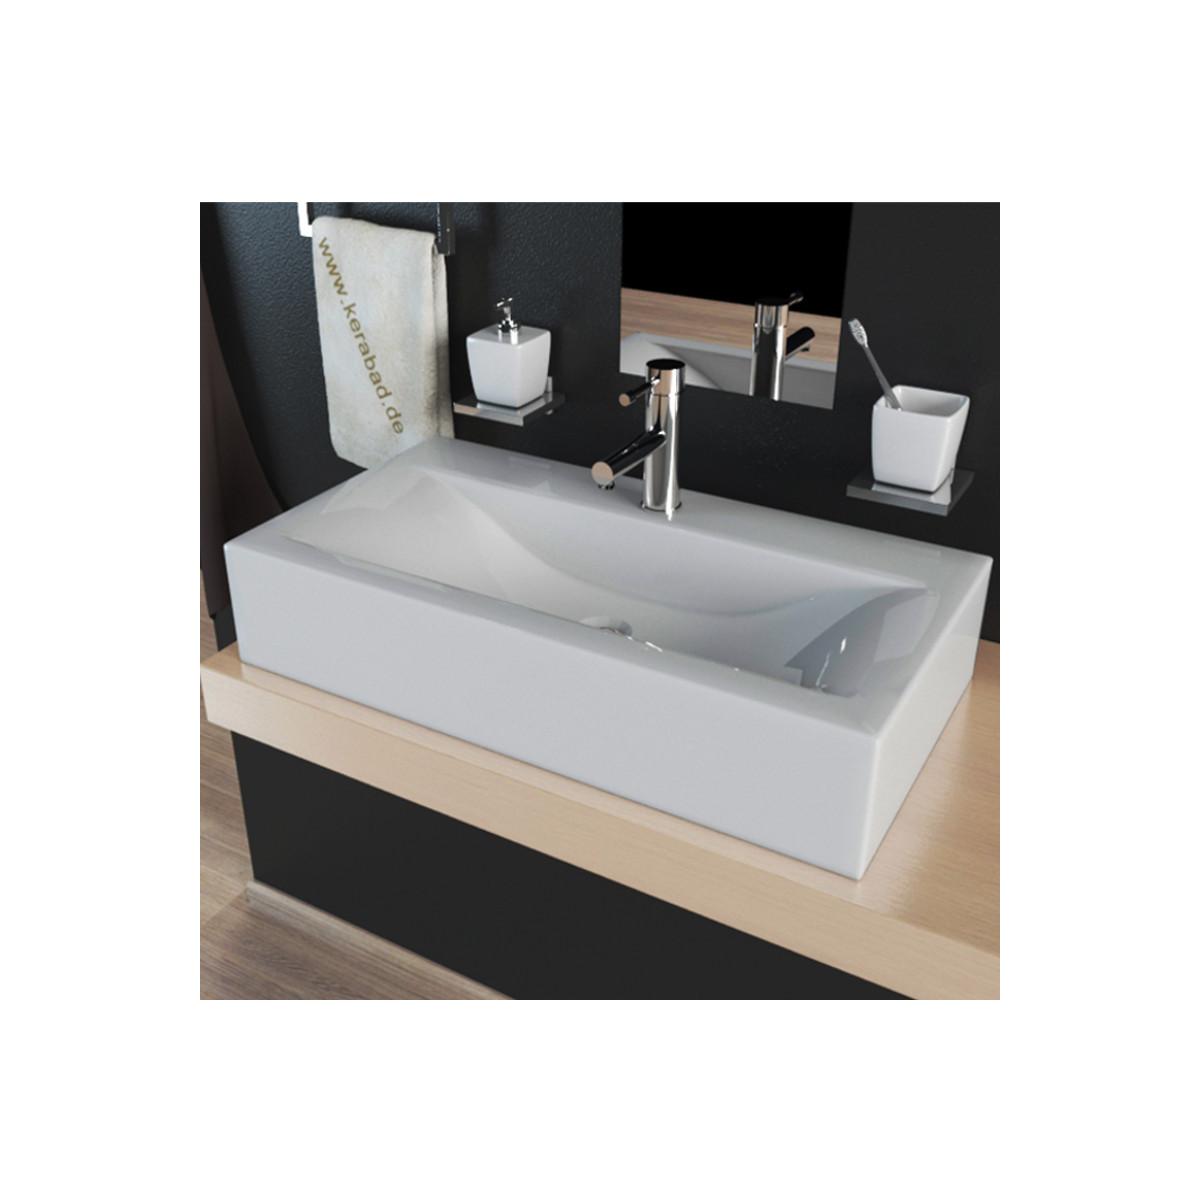 waschbecken kbw153 49 90. Black Bedroom Furniture Sets. Home Design Ideas